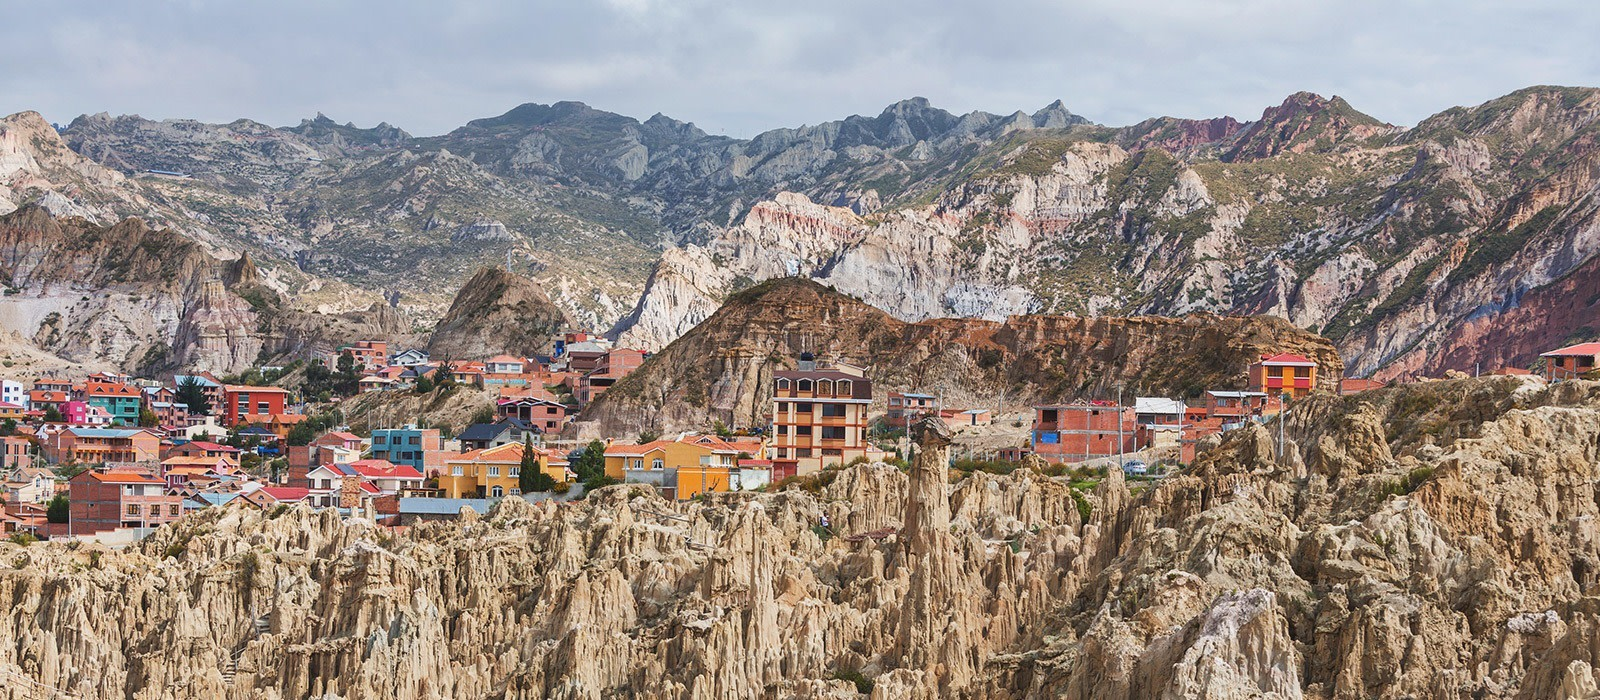 Reiseziel La Paz Bolivien